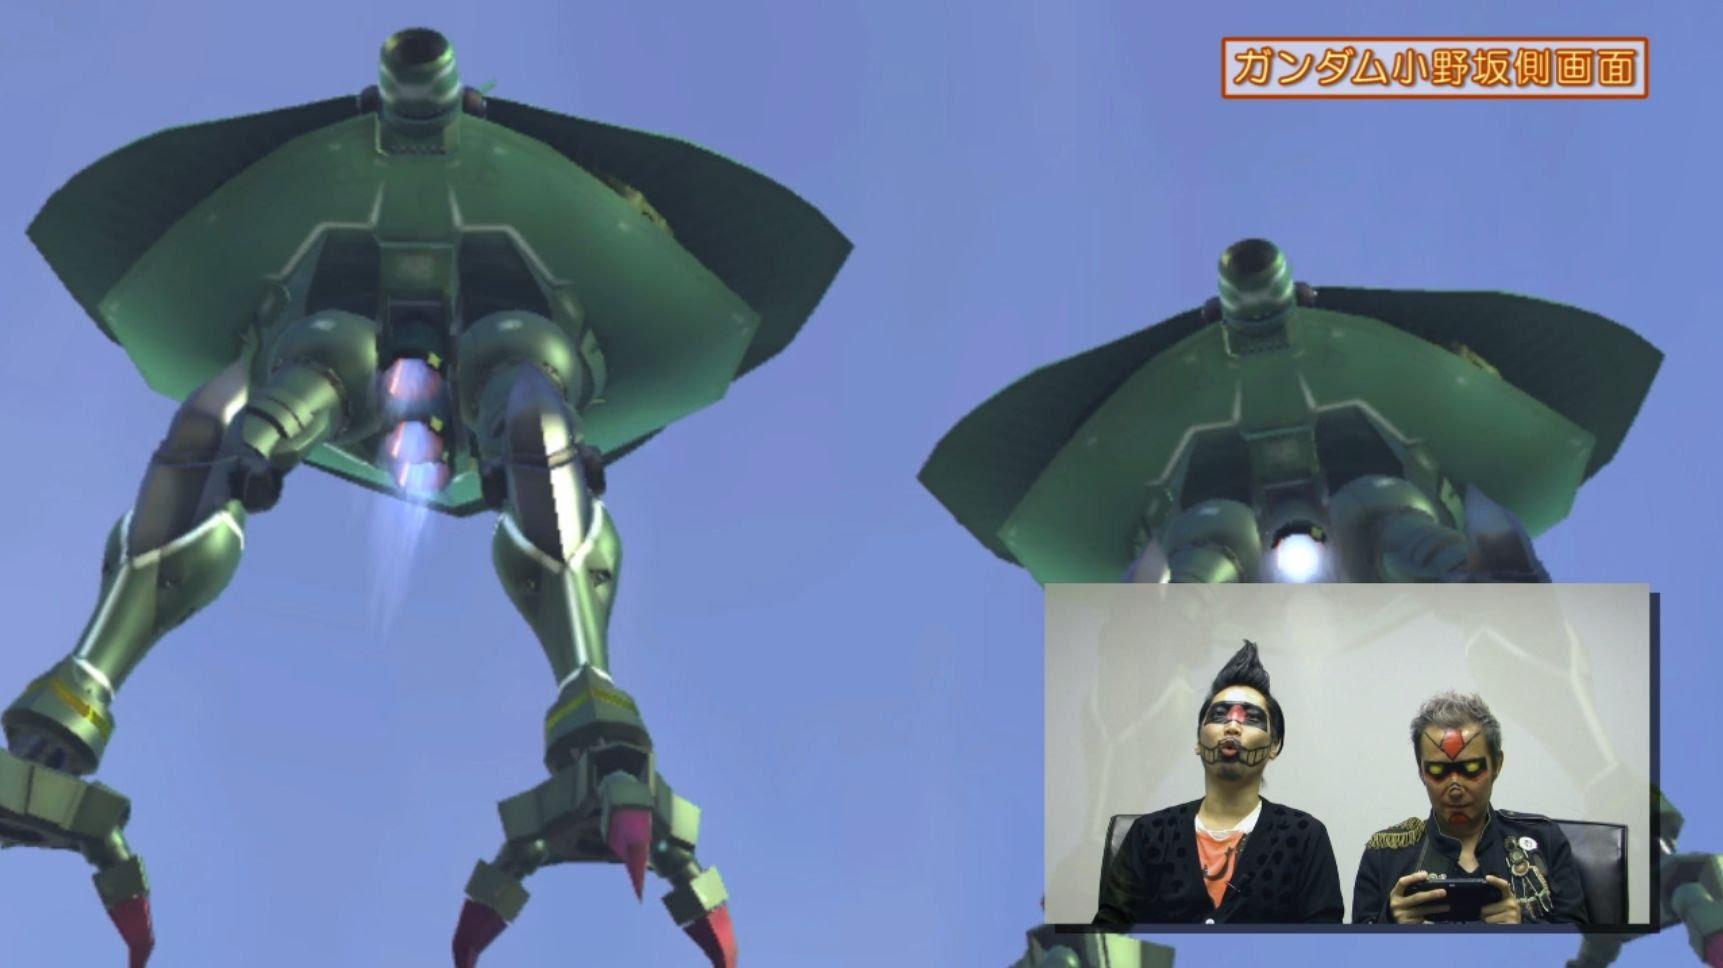 『ガンダムブレイカー2』声優の小野坂昌也さんと小西克幸さんによるプレイ動画第3弾